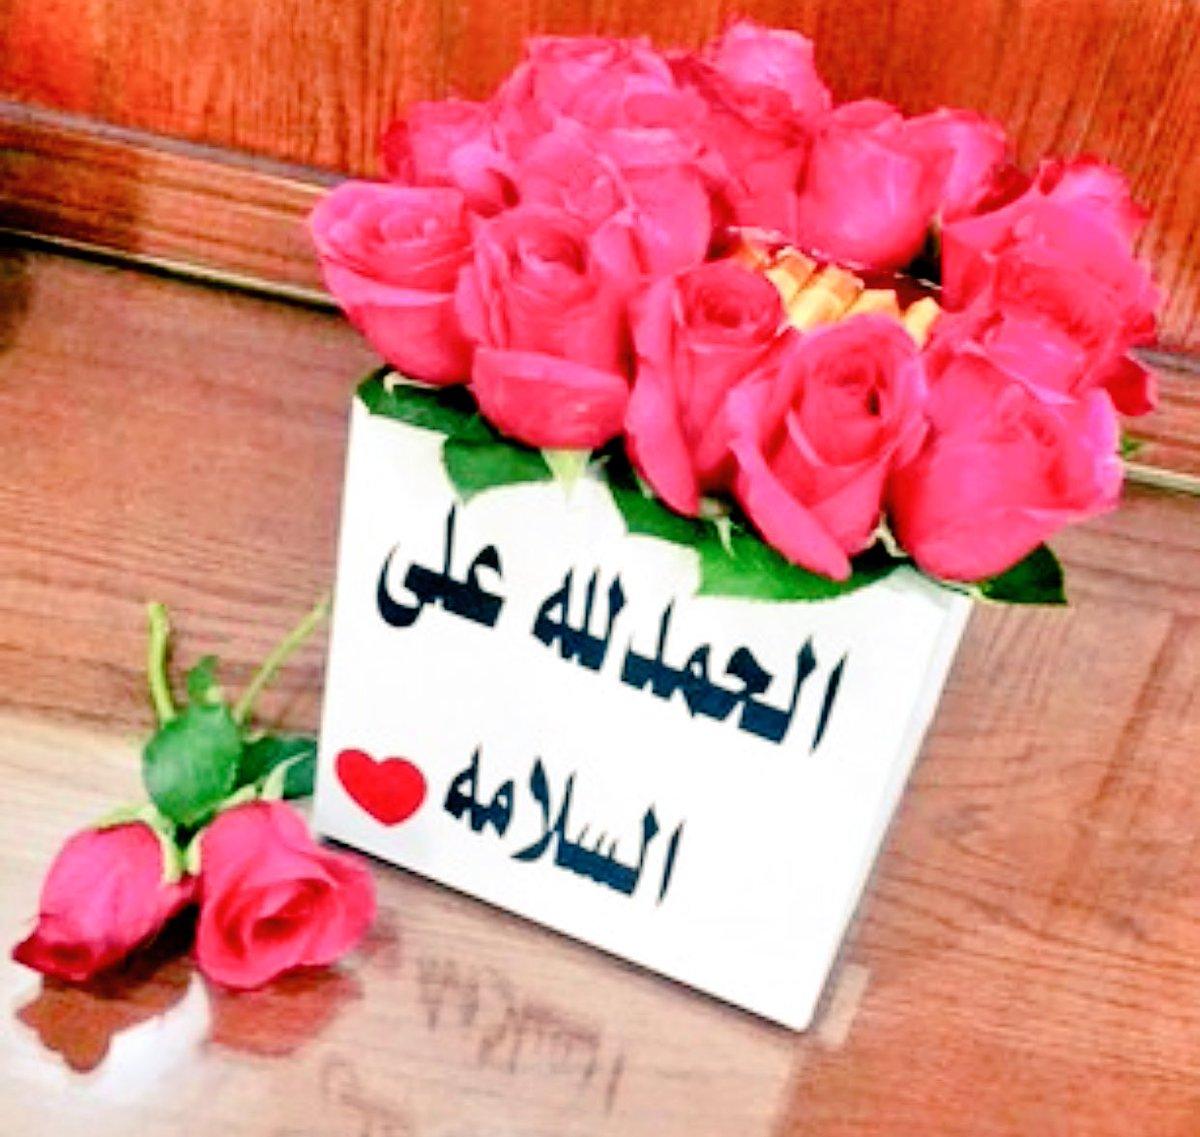 نجد العذيه On Twitter الحمدلله ع سلامتك أخوي سليمان ماتشوف شر قدامك العاافيه يا رب